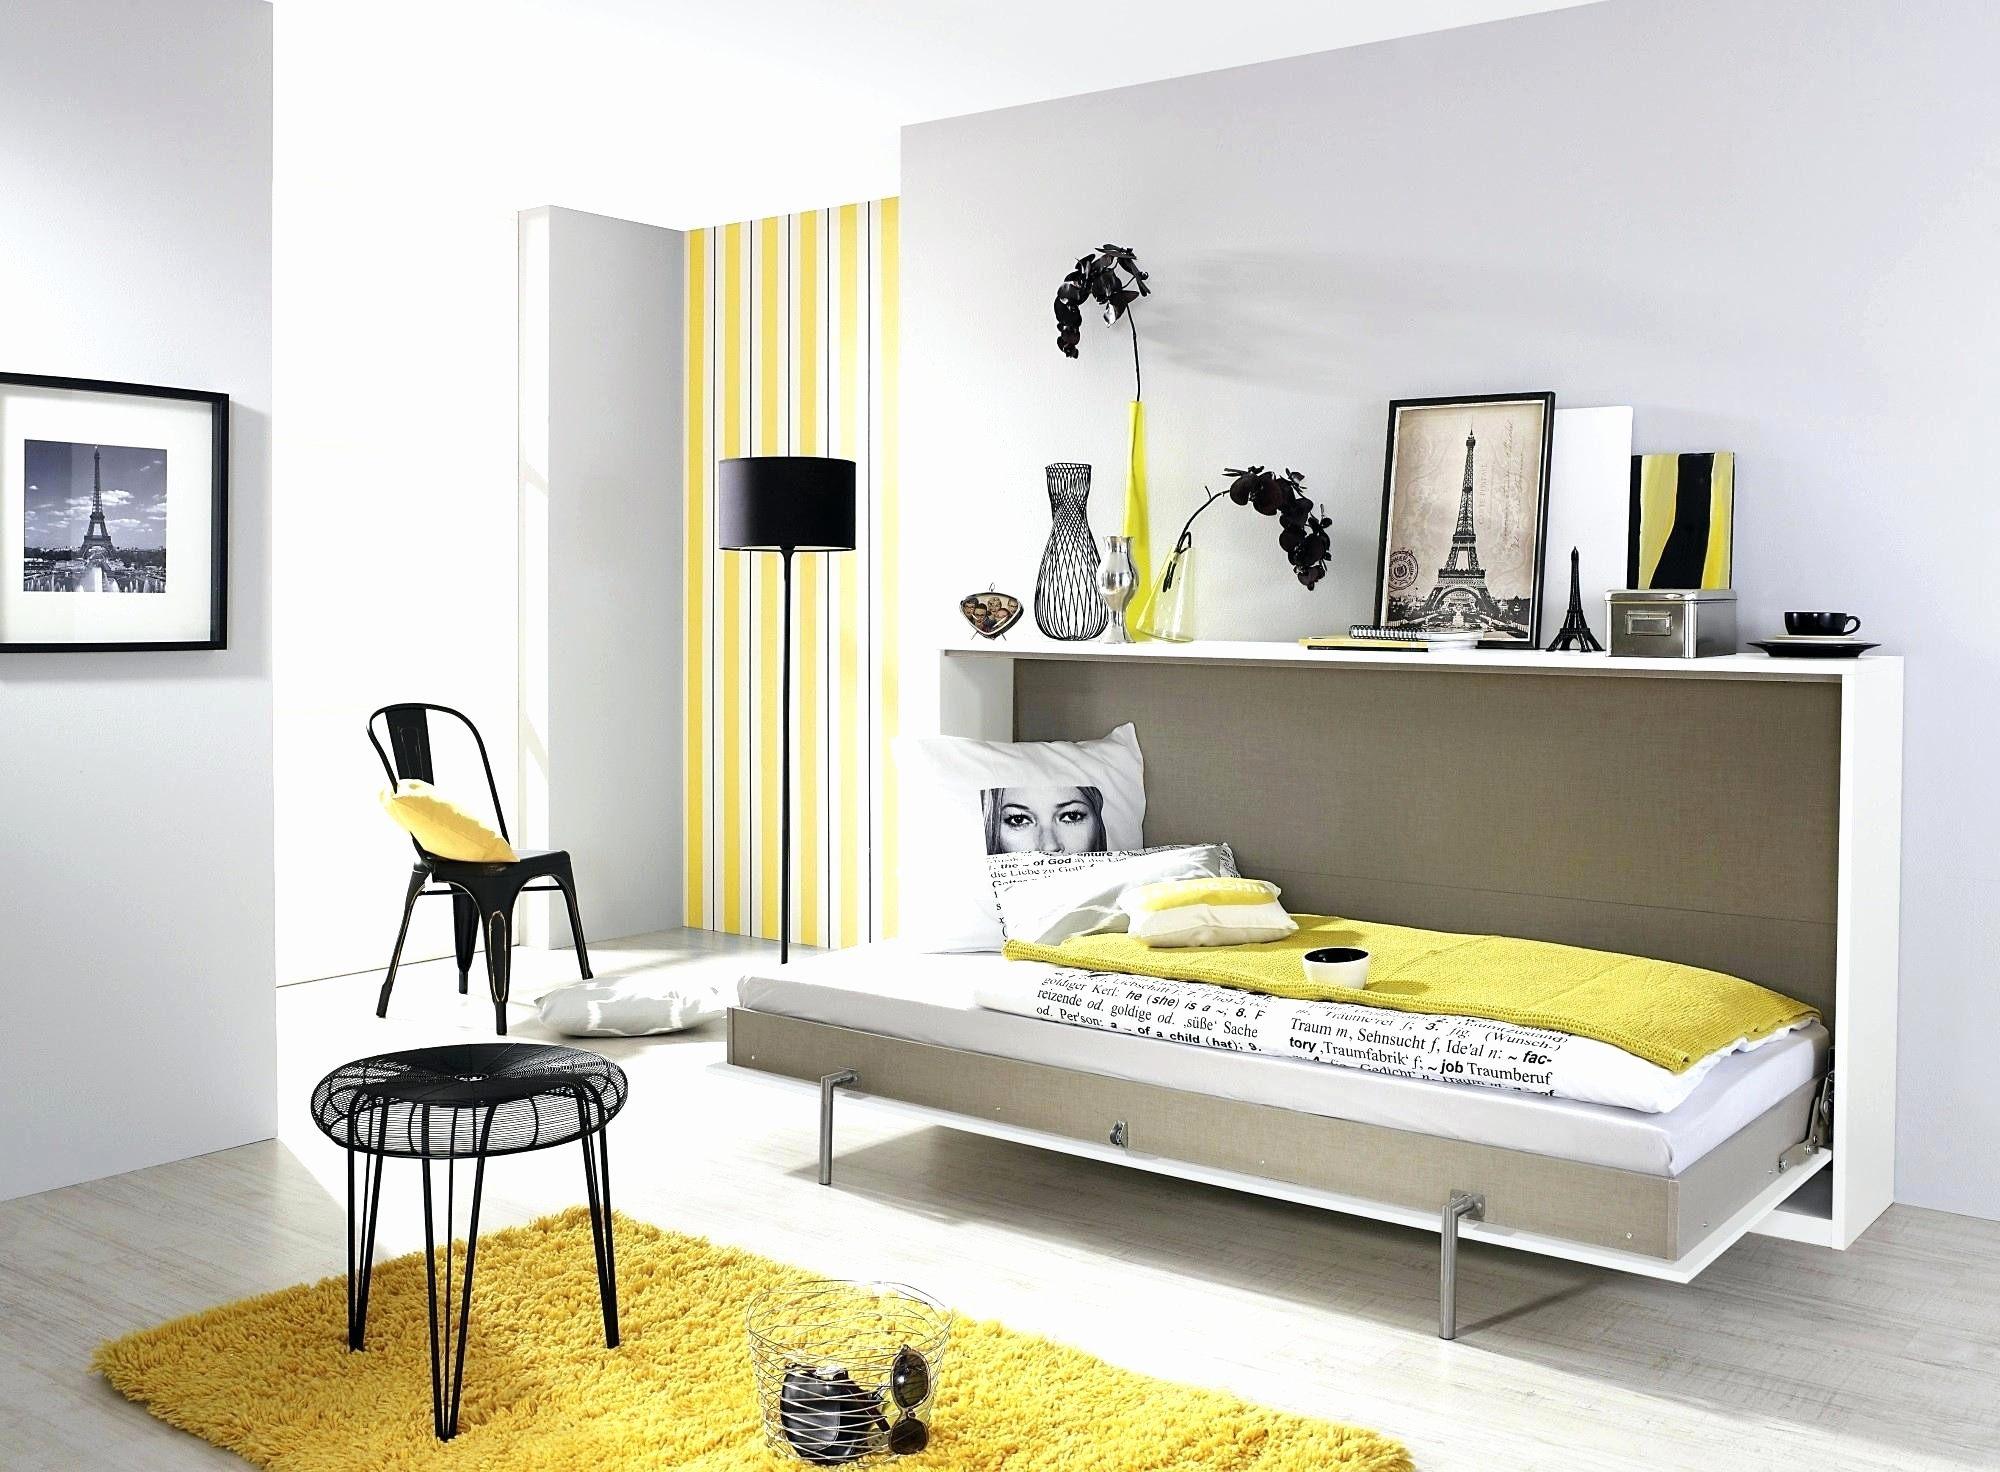 Lit Deux Places Avec Rangement Le Luxe élégant Stock De Lit Deux Places Avec Rangement Maison De Design